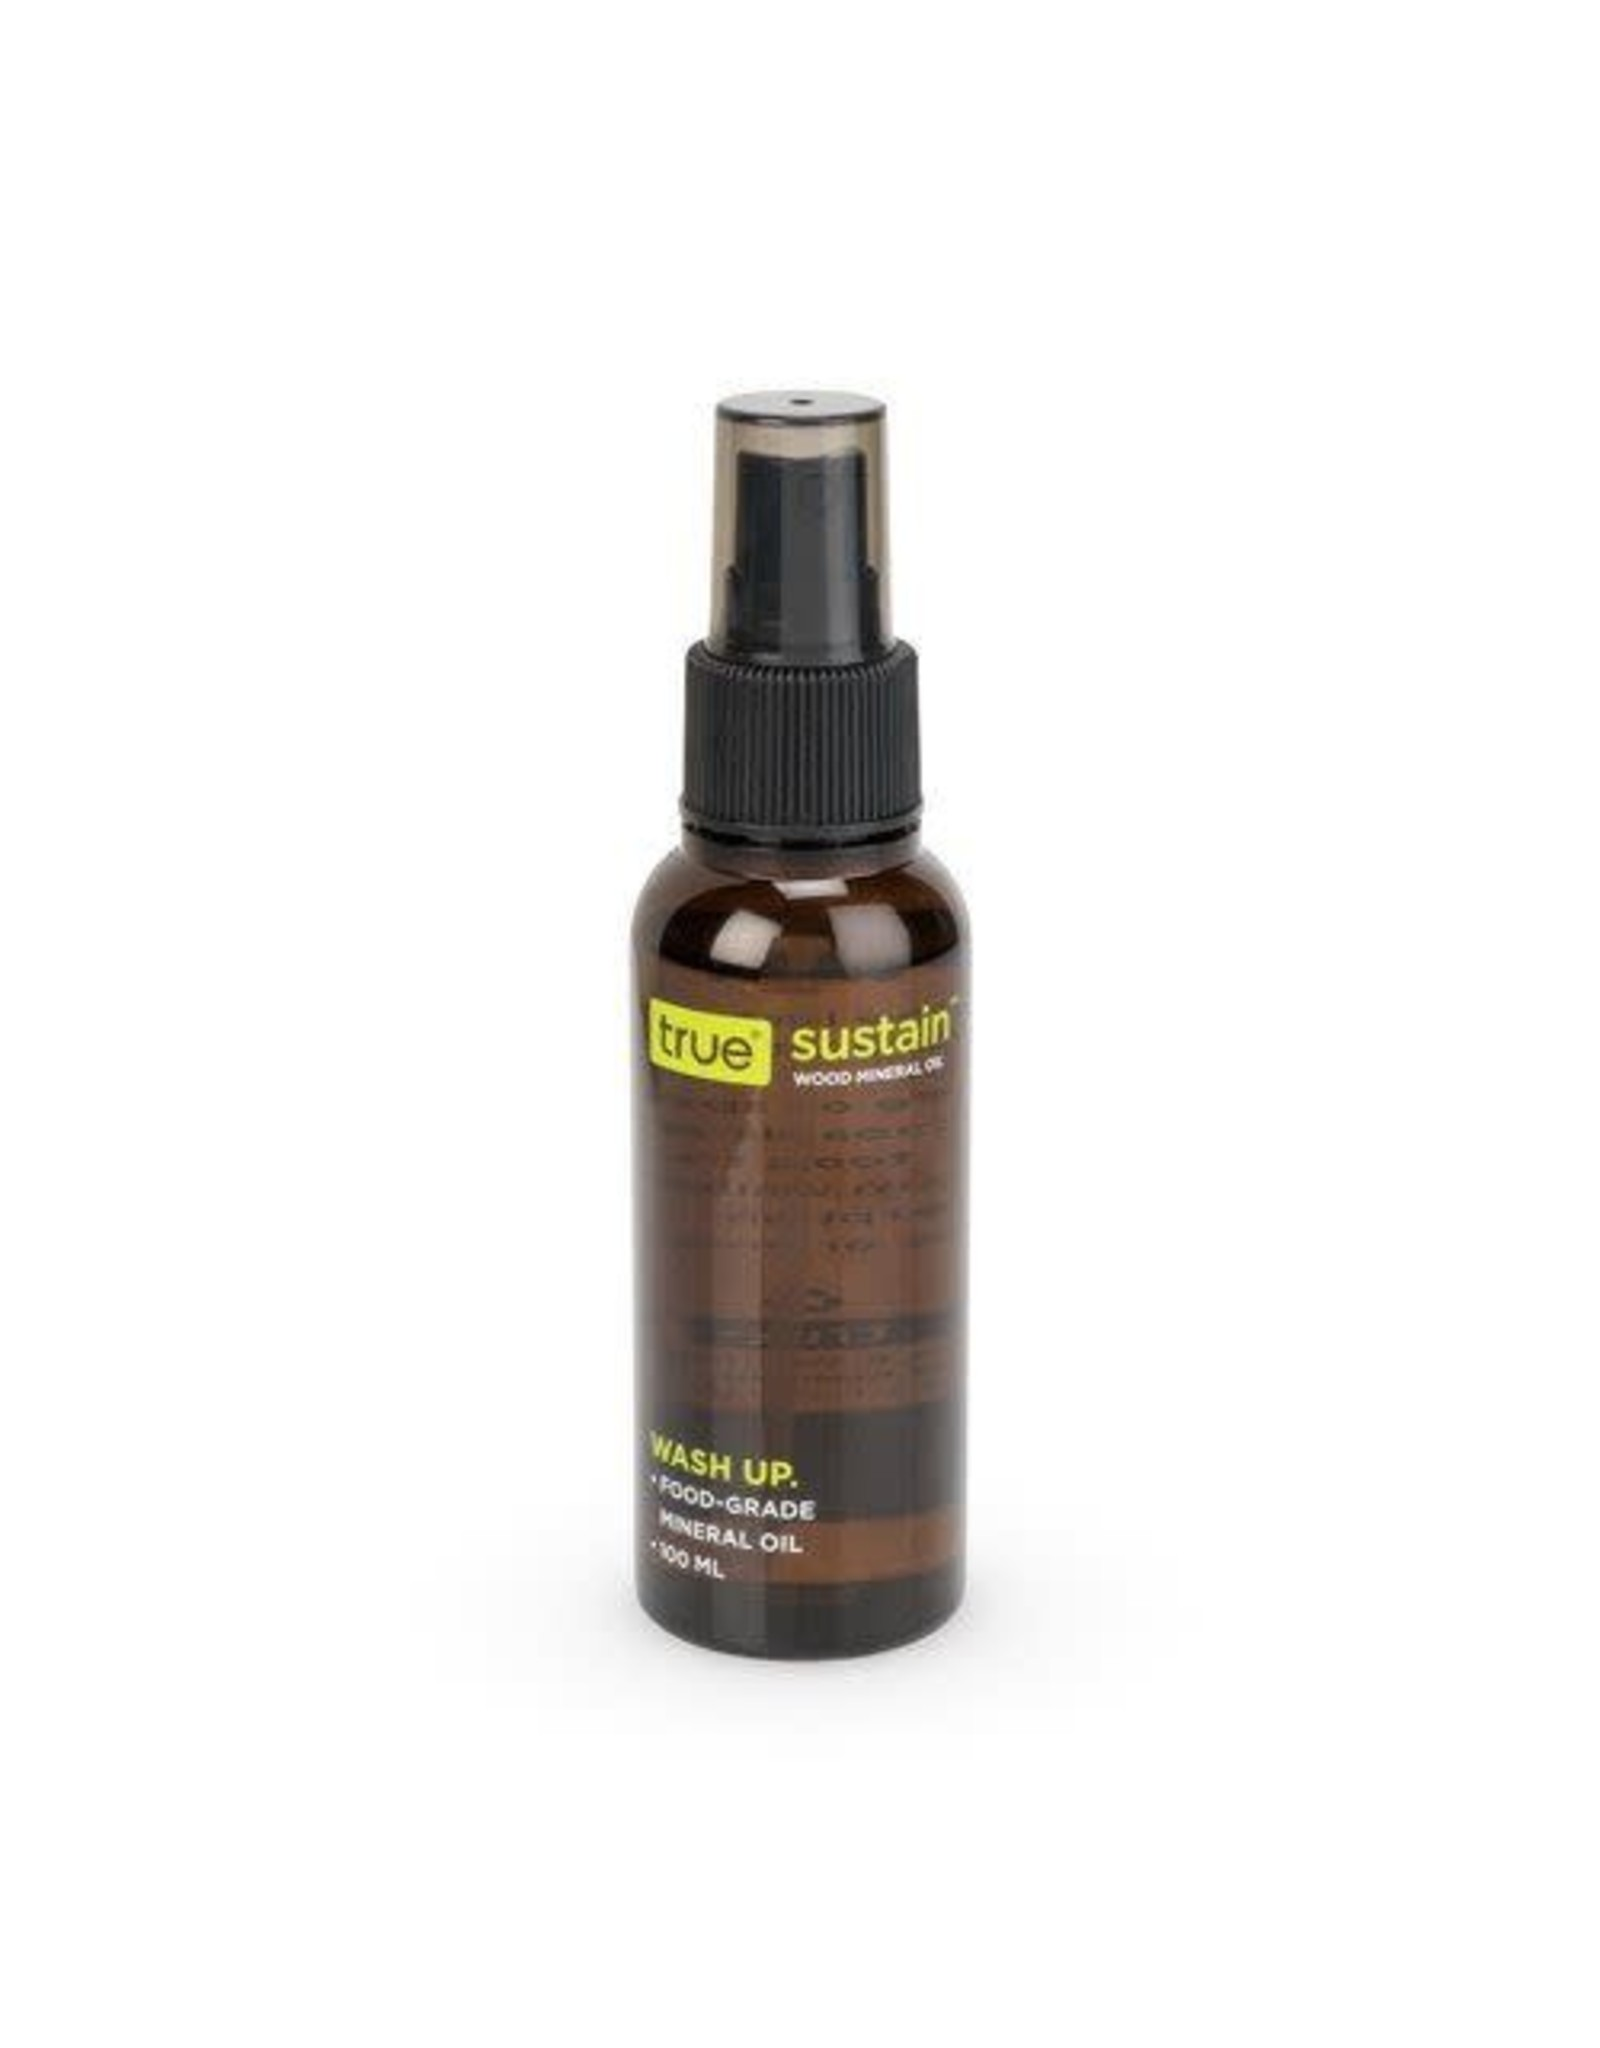 True Wood Mineral Oil